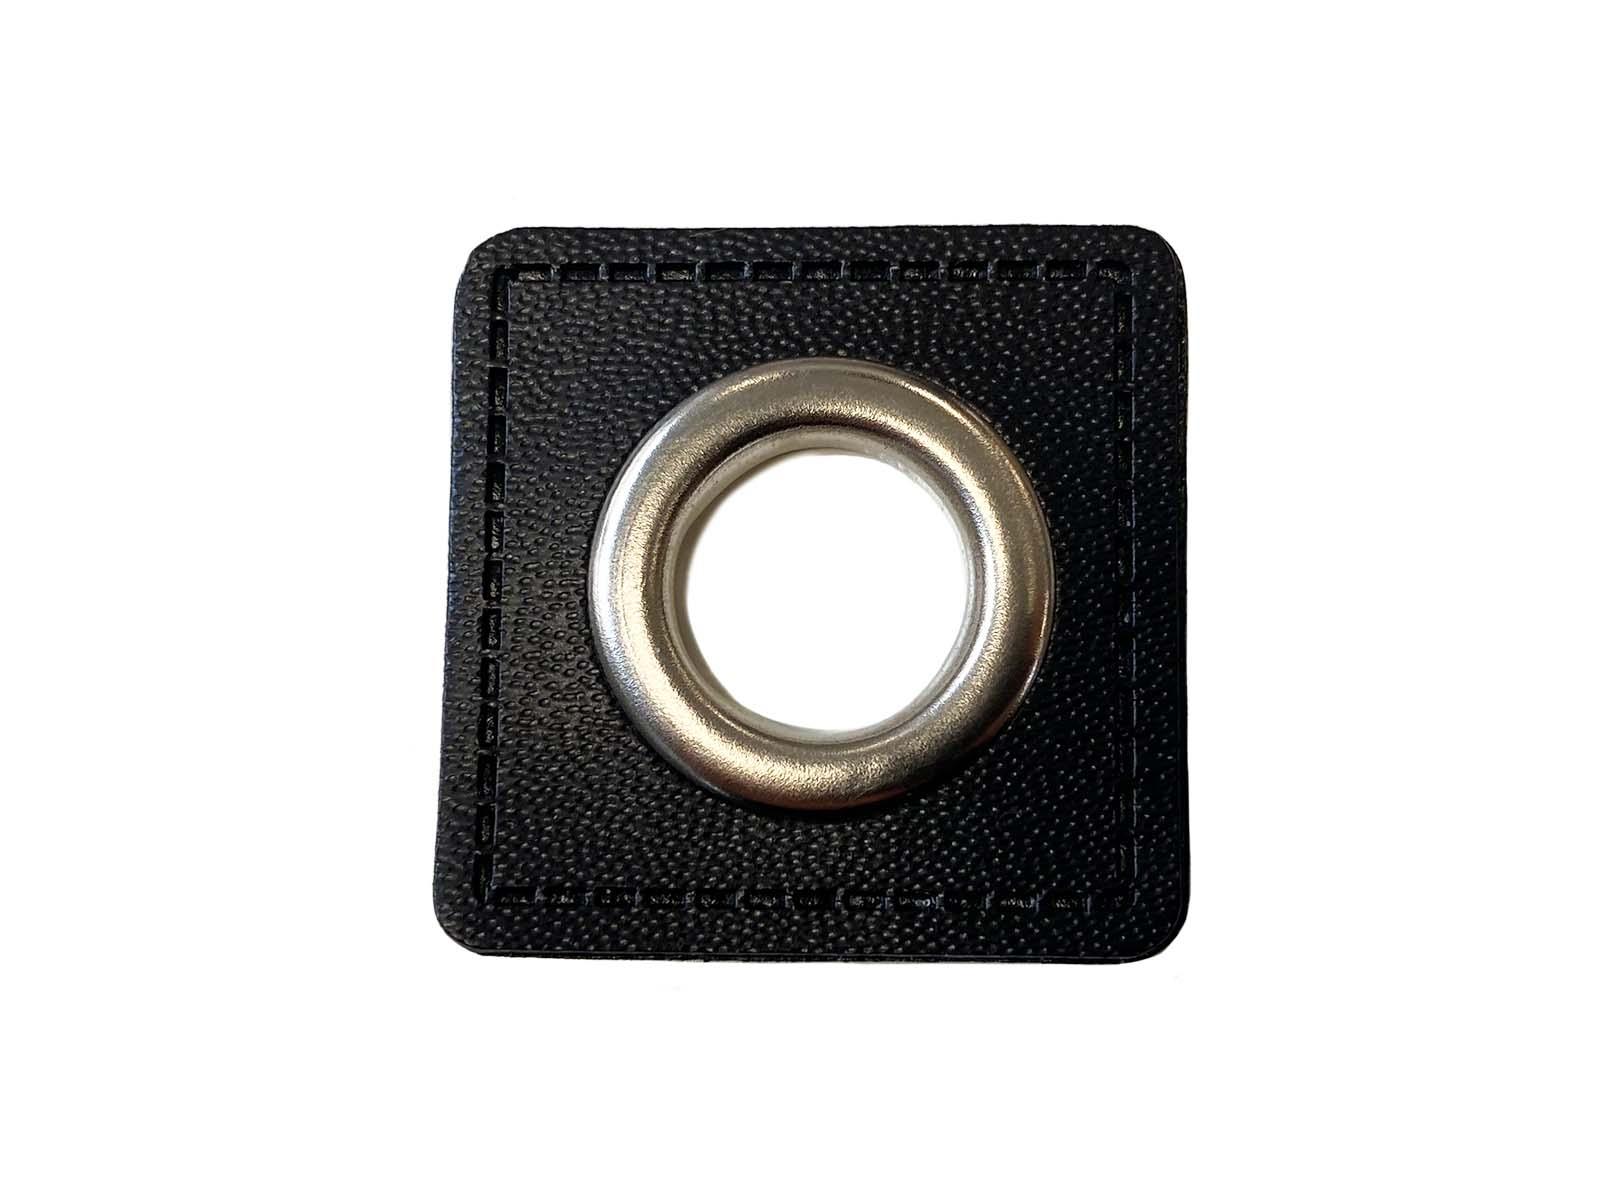 Ösen-Patch in schwarz - 13 mm Öse